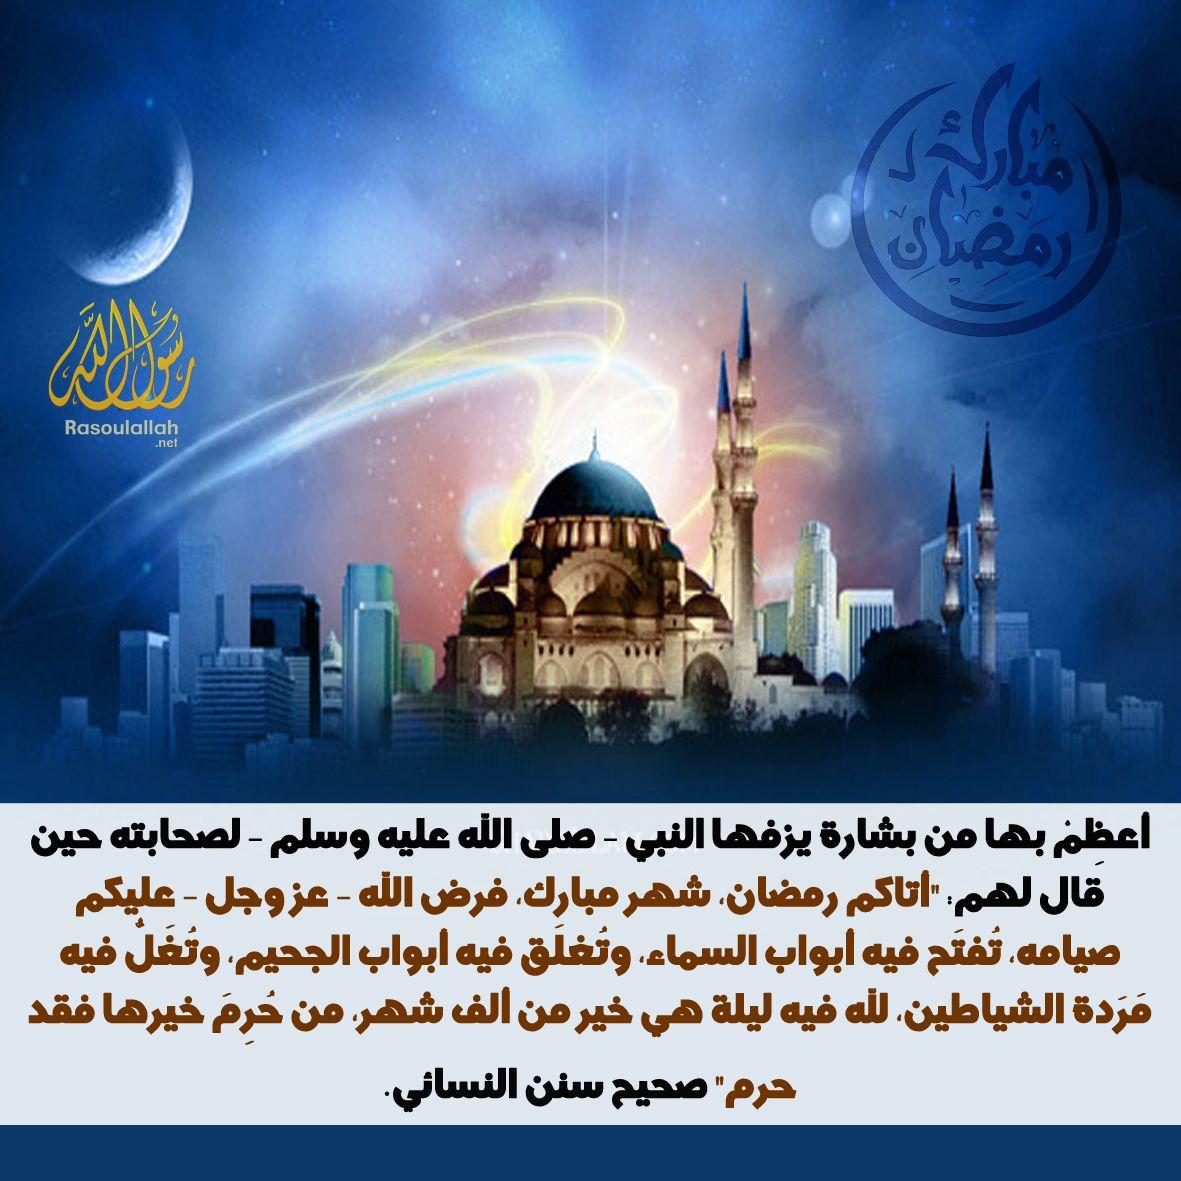 بشارة النبي صلى الله عليه و سلم لأصحابه بقدوم شهر رمضان المبارك Movie Posters Movies Poster